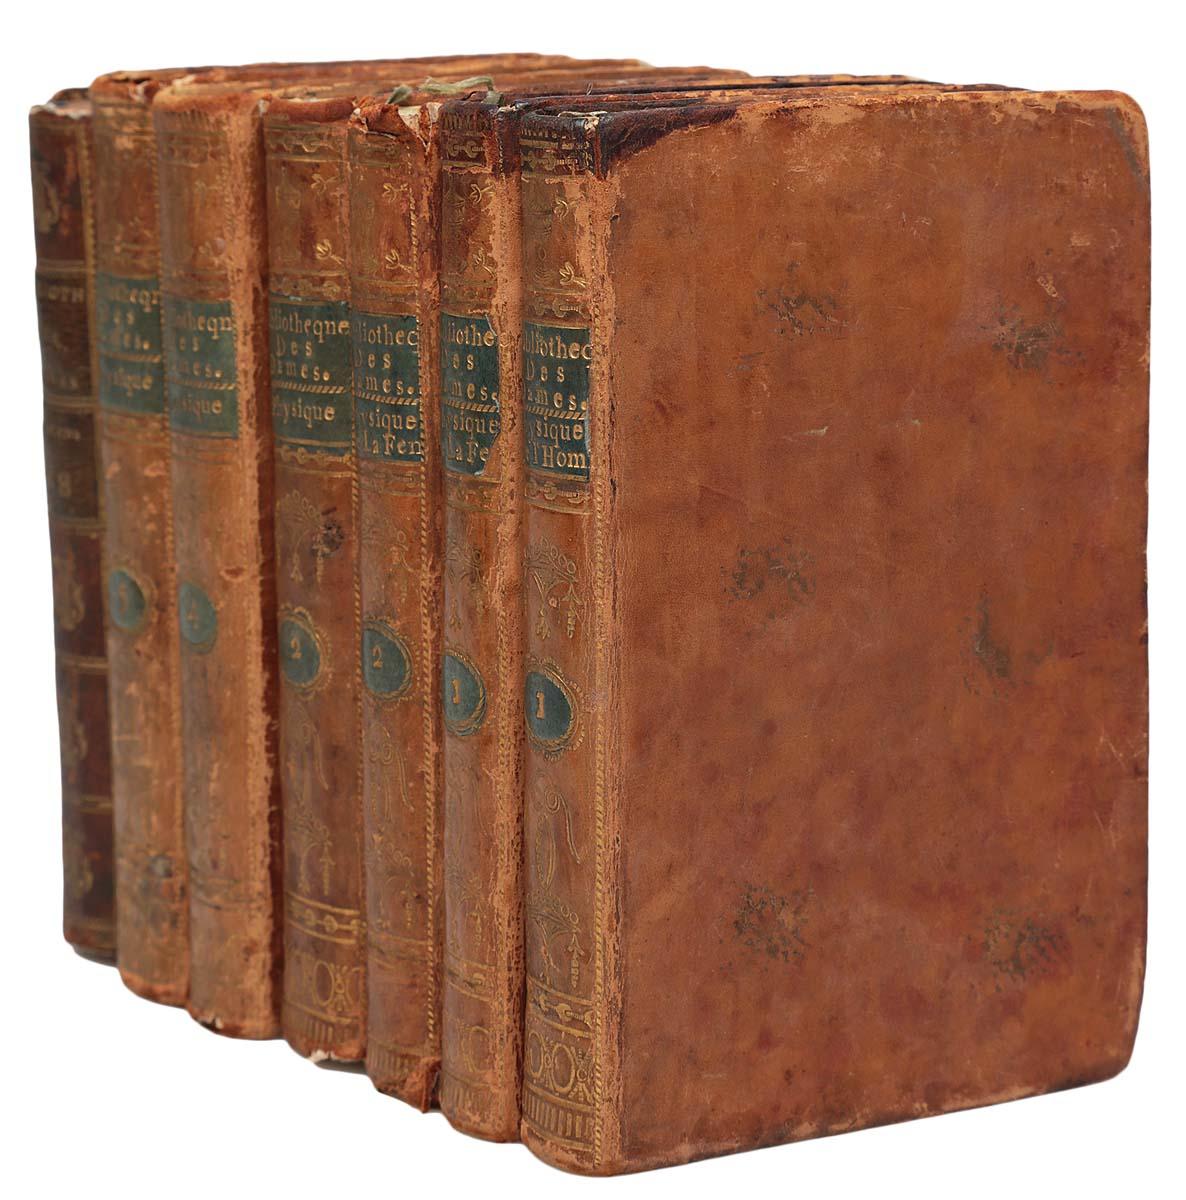 Bibliotheque Universelle Des Dames (комплект из 7 книг)FILTER 004Париж, 1787-1792 гг. Rue et Hotel Serpente.Владельческие цельнокожаные переплеты с золотым тиснением на корешке.Сохранность хорошая.В серии Универсальная библиотека для дам (1785-1797) вышло около 156 томов.Универсальная библиотека для дам дам была задумана как собрание работ, позволяющее обеспечить общее образование, в легко доступной форме для женщин определенного класса; в серии можно было найти все, что может представлять полезные и нужные знания: путешествия, история, философия, художественная литература, наука и искусство.Издание не подлежит вывозу за пределы Российской Федерации.